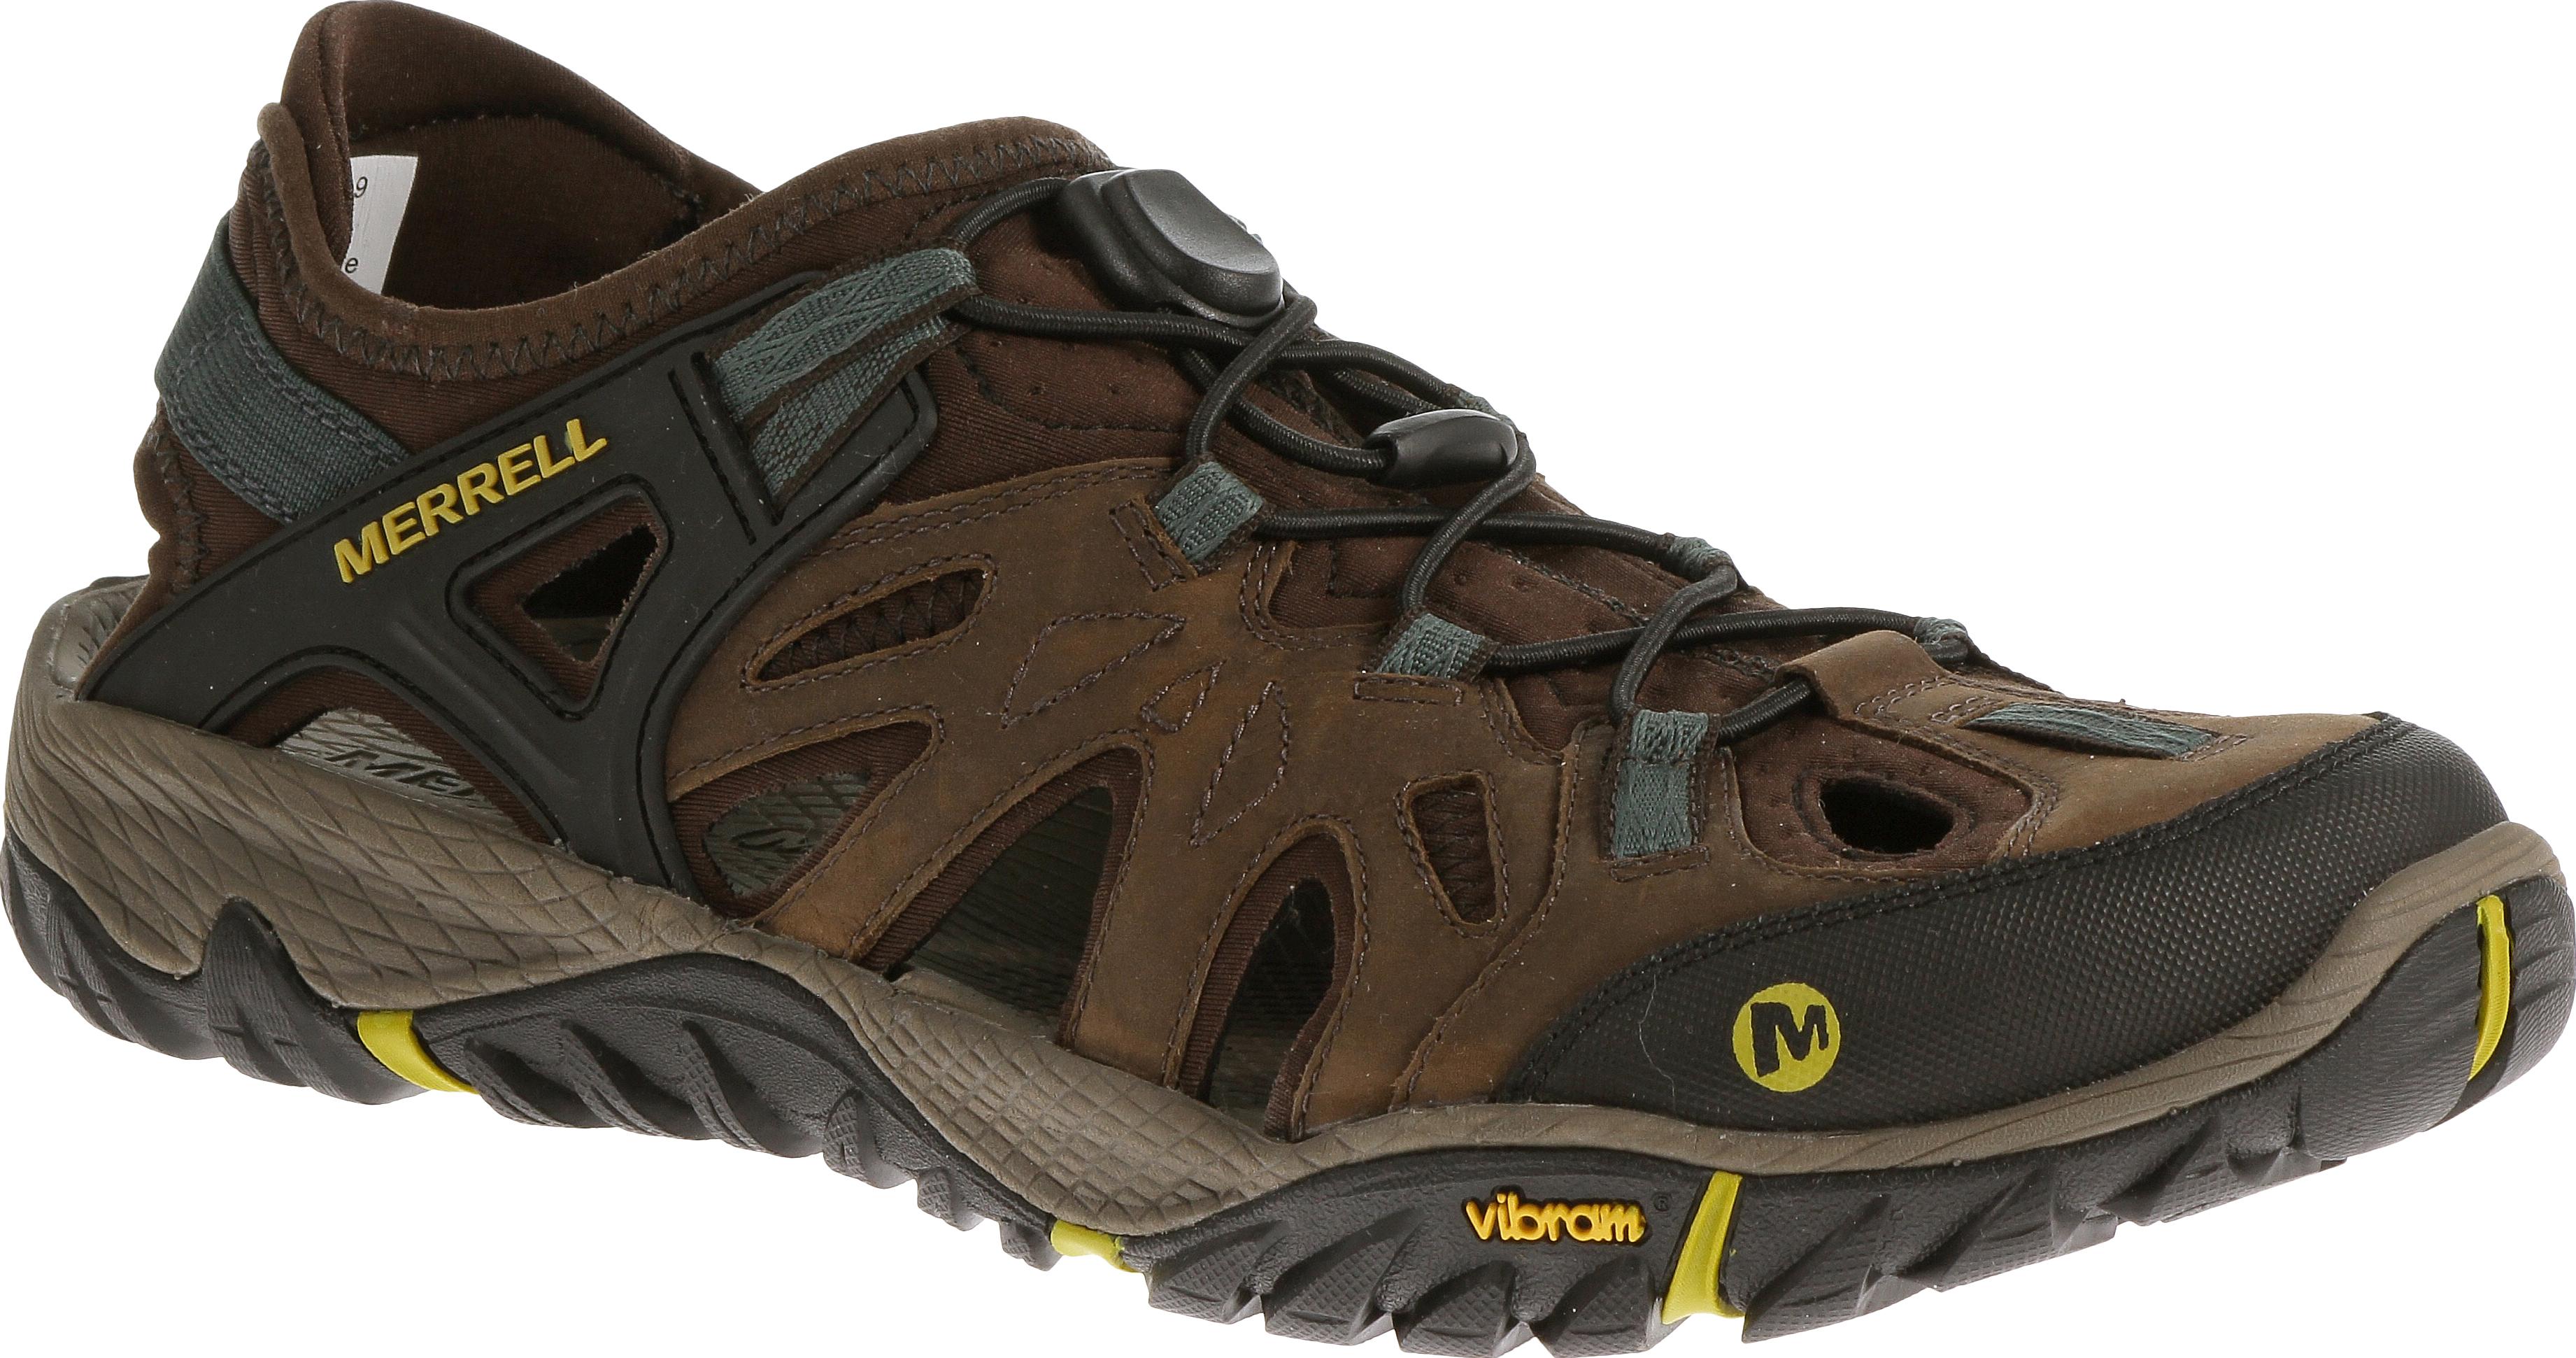 45aa8bdfcece17 Merrell All Out Blaze Sieve Sandals - Men s